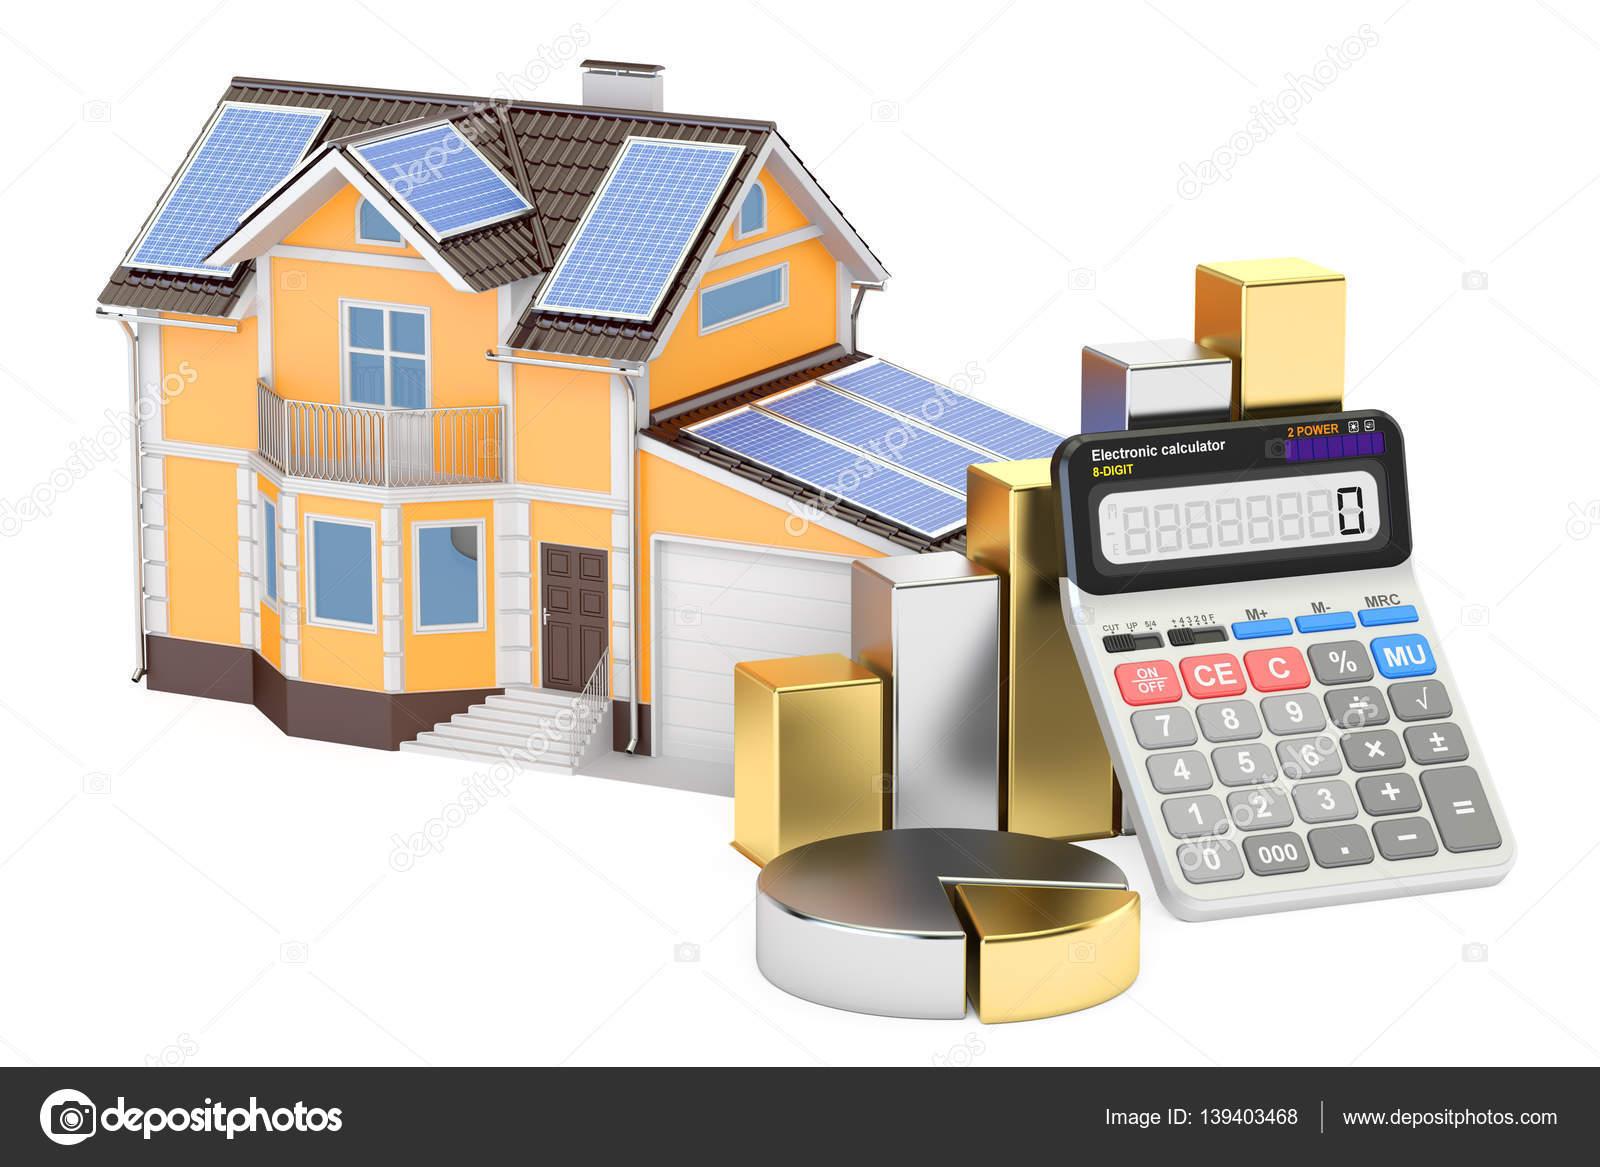 Amazing Einsparung Des Energieverbrauchs Für Haus, Effizienz Von Solar Panel U2014  Stockfoto